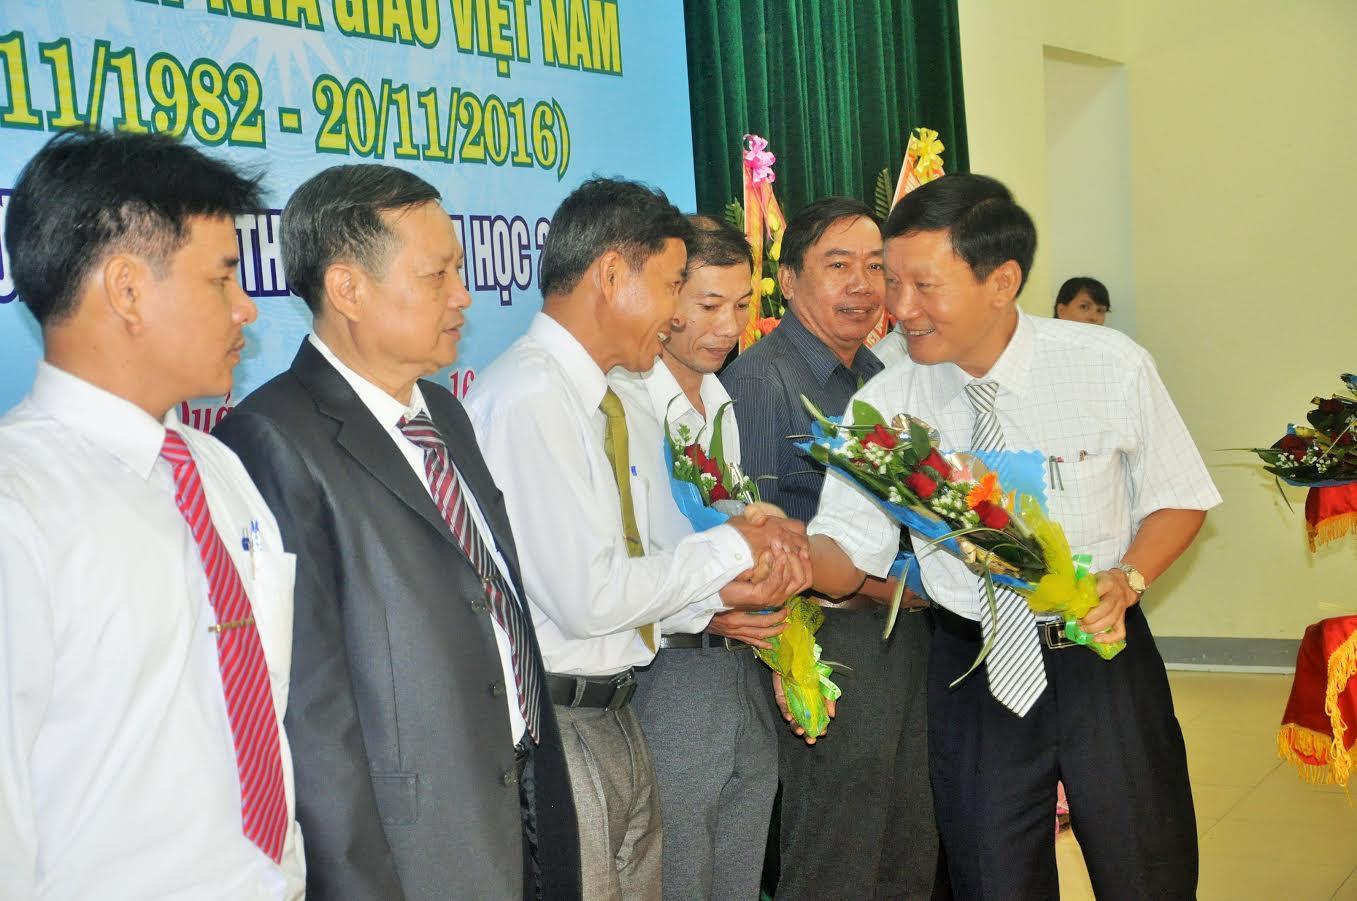 Các nhà giáo đạt thành tích xuất sắc trong năm học 2015-2016 được UBND tỉnh đề nghị Thủ tướng Chính phủ tặng bằng khen được Phó Chủ tịch UBND tỉnh Trần Đình Tùng tặng hoa chúc mừng